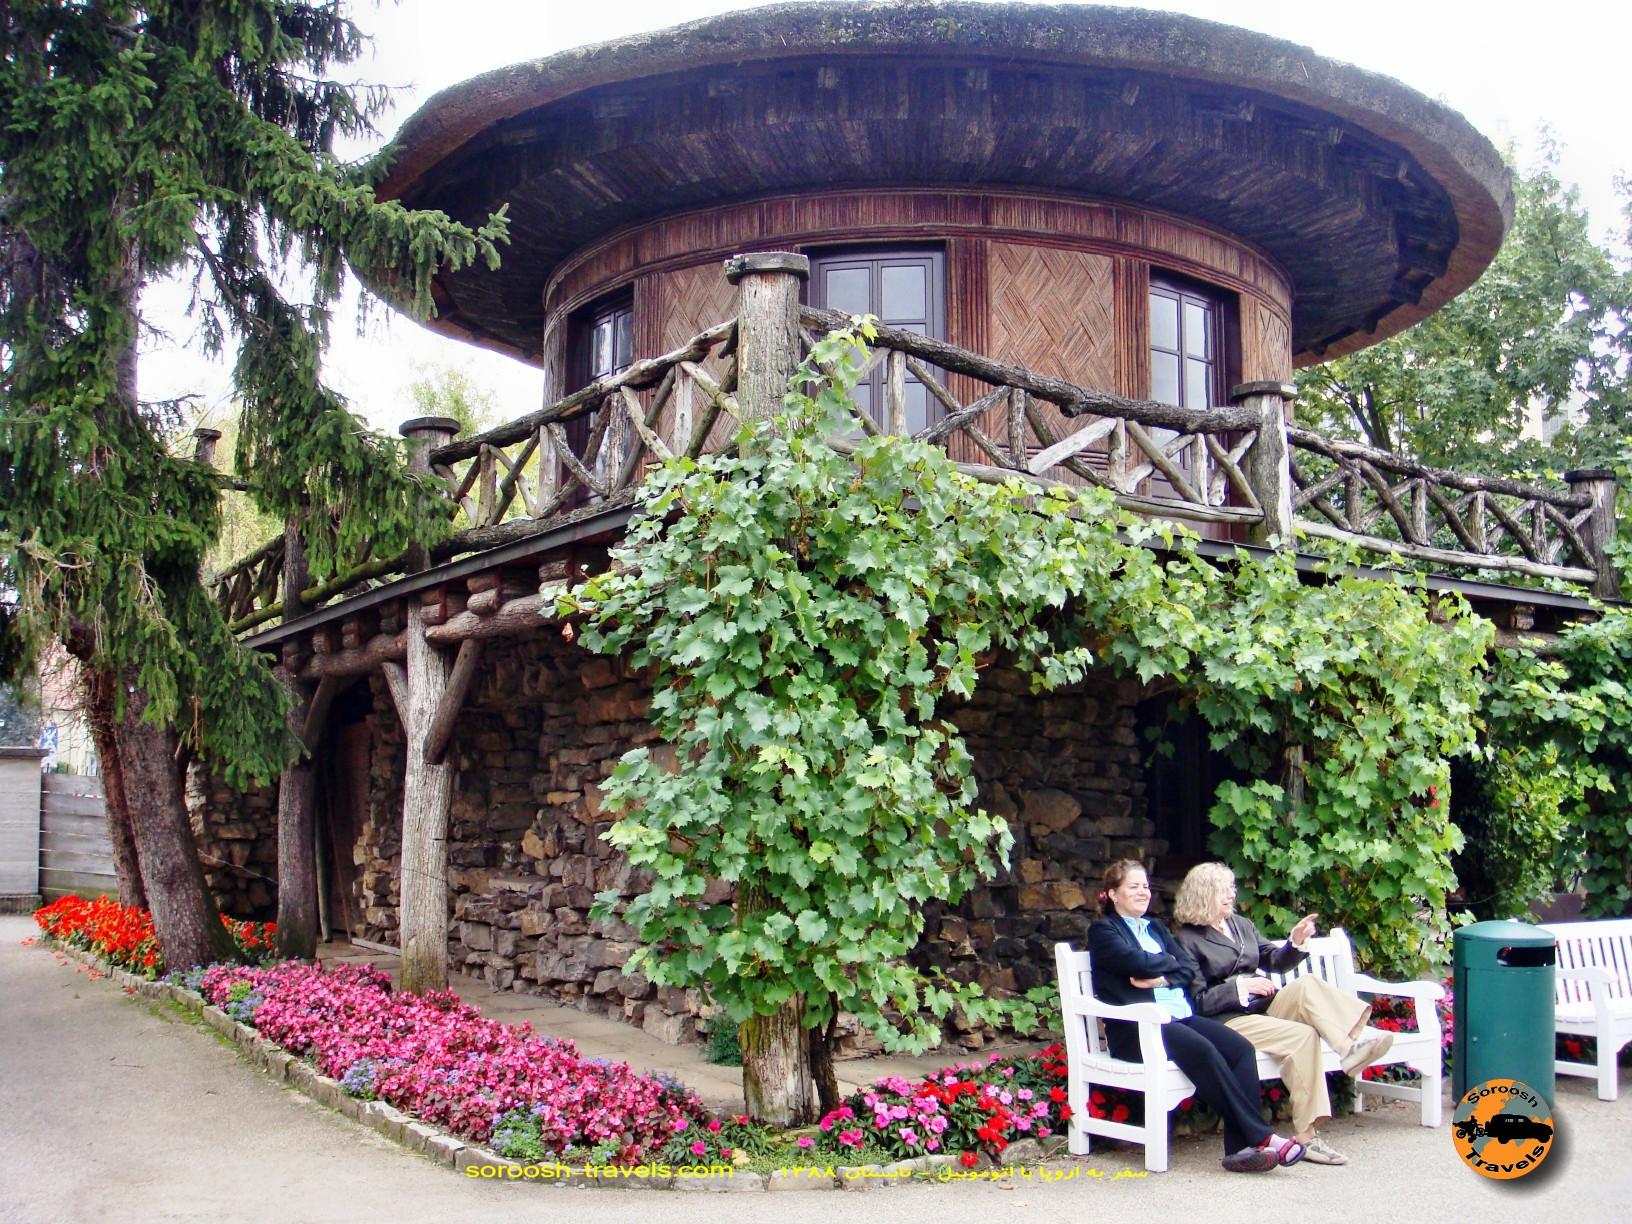 30-shahrivar-1388-21-september-2009-ludwigsburg-22